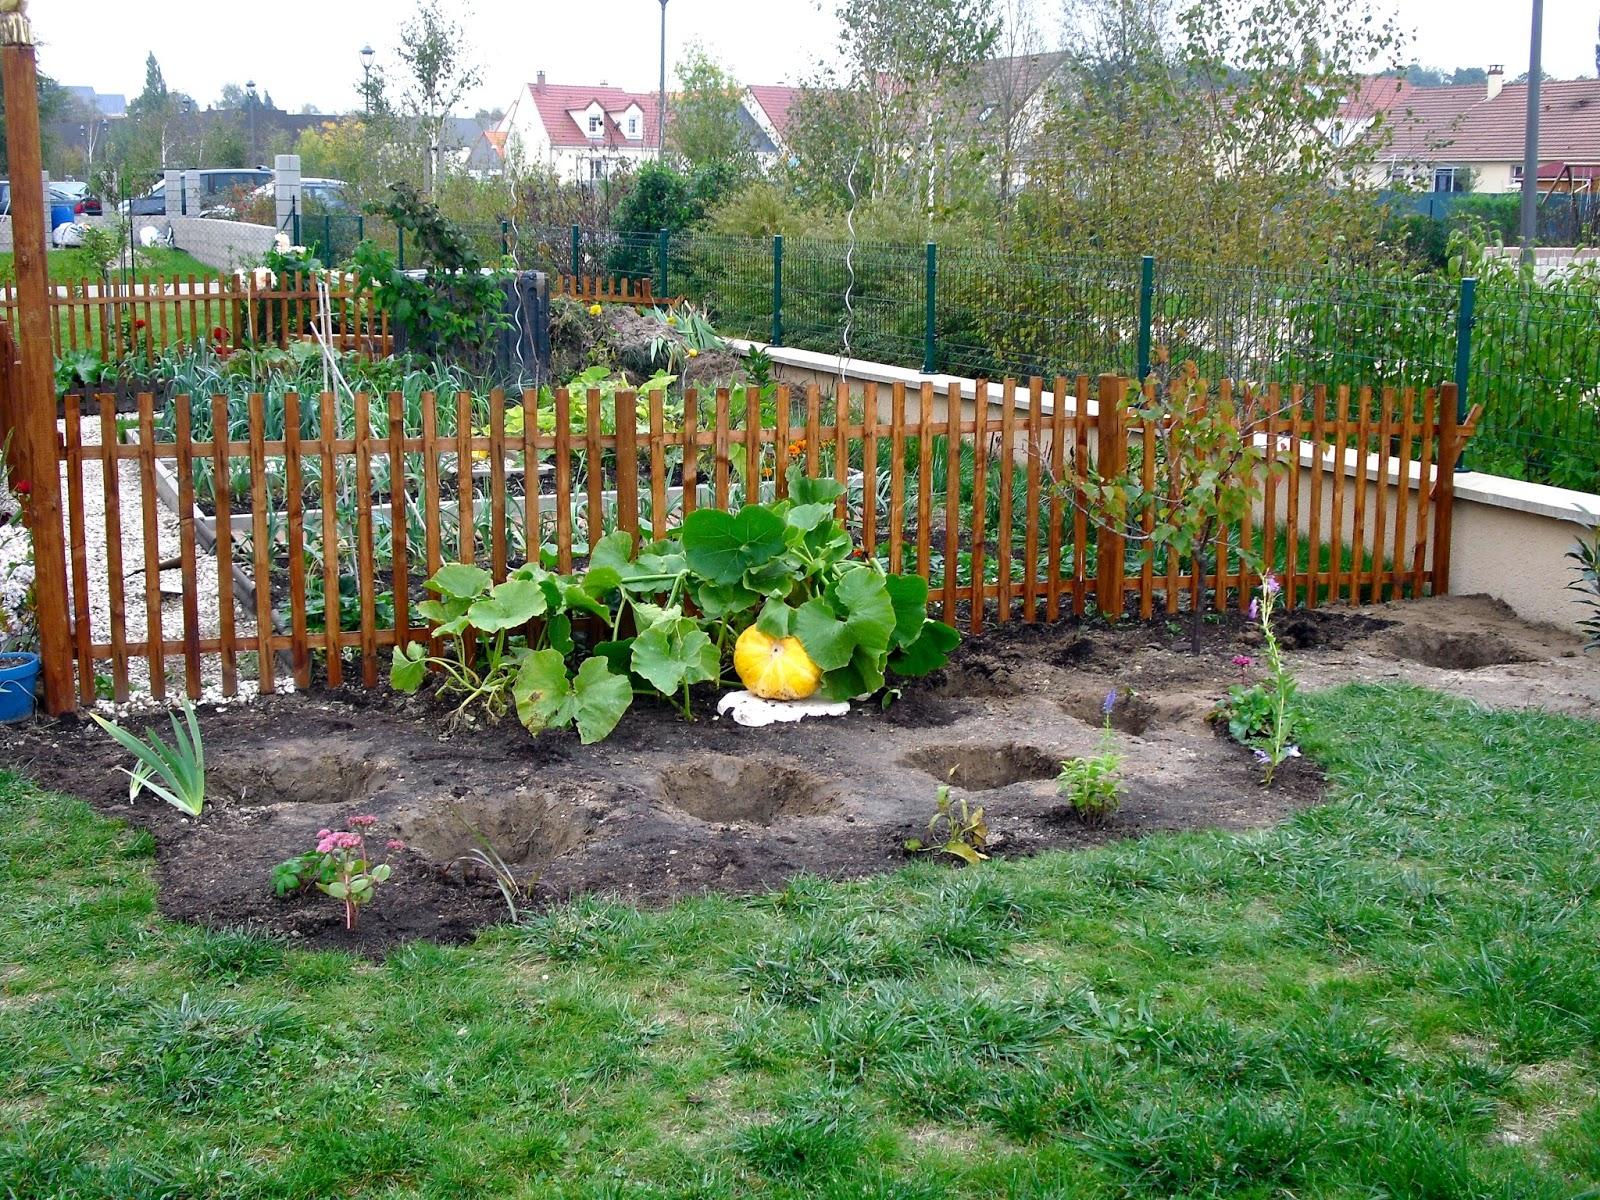 Mon petit jardin en sologne r trospective octobre 2015 - Petit jardin octobre brest ...